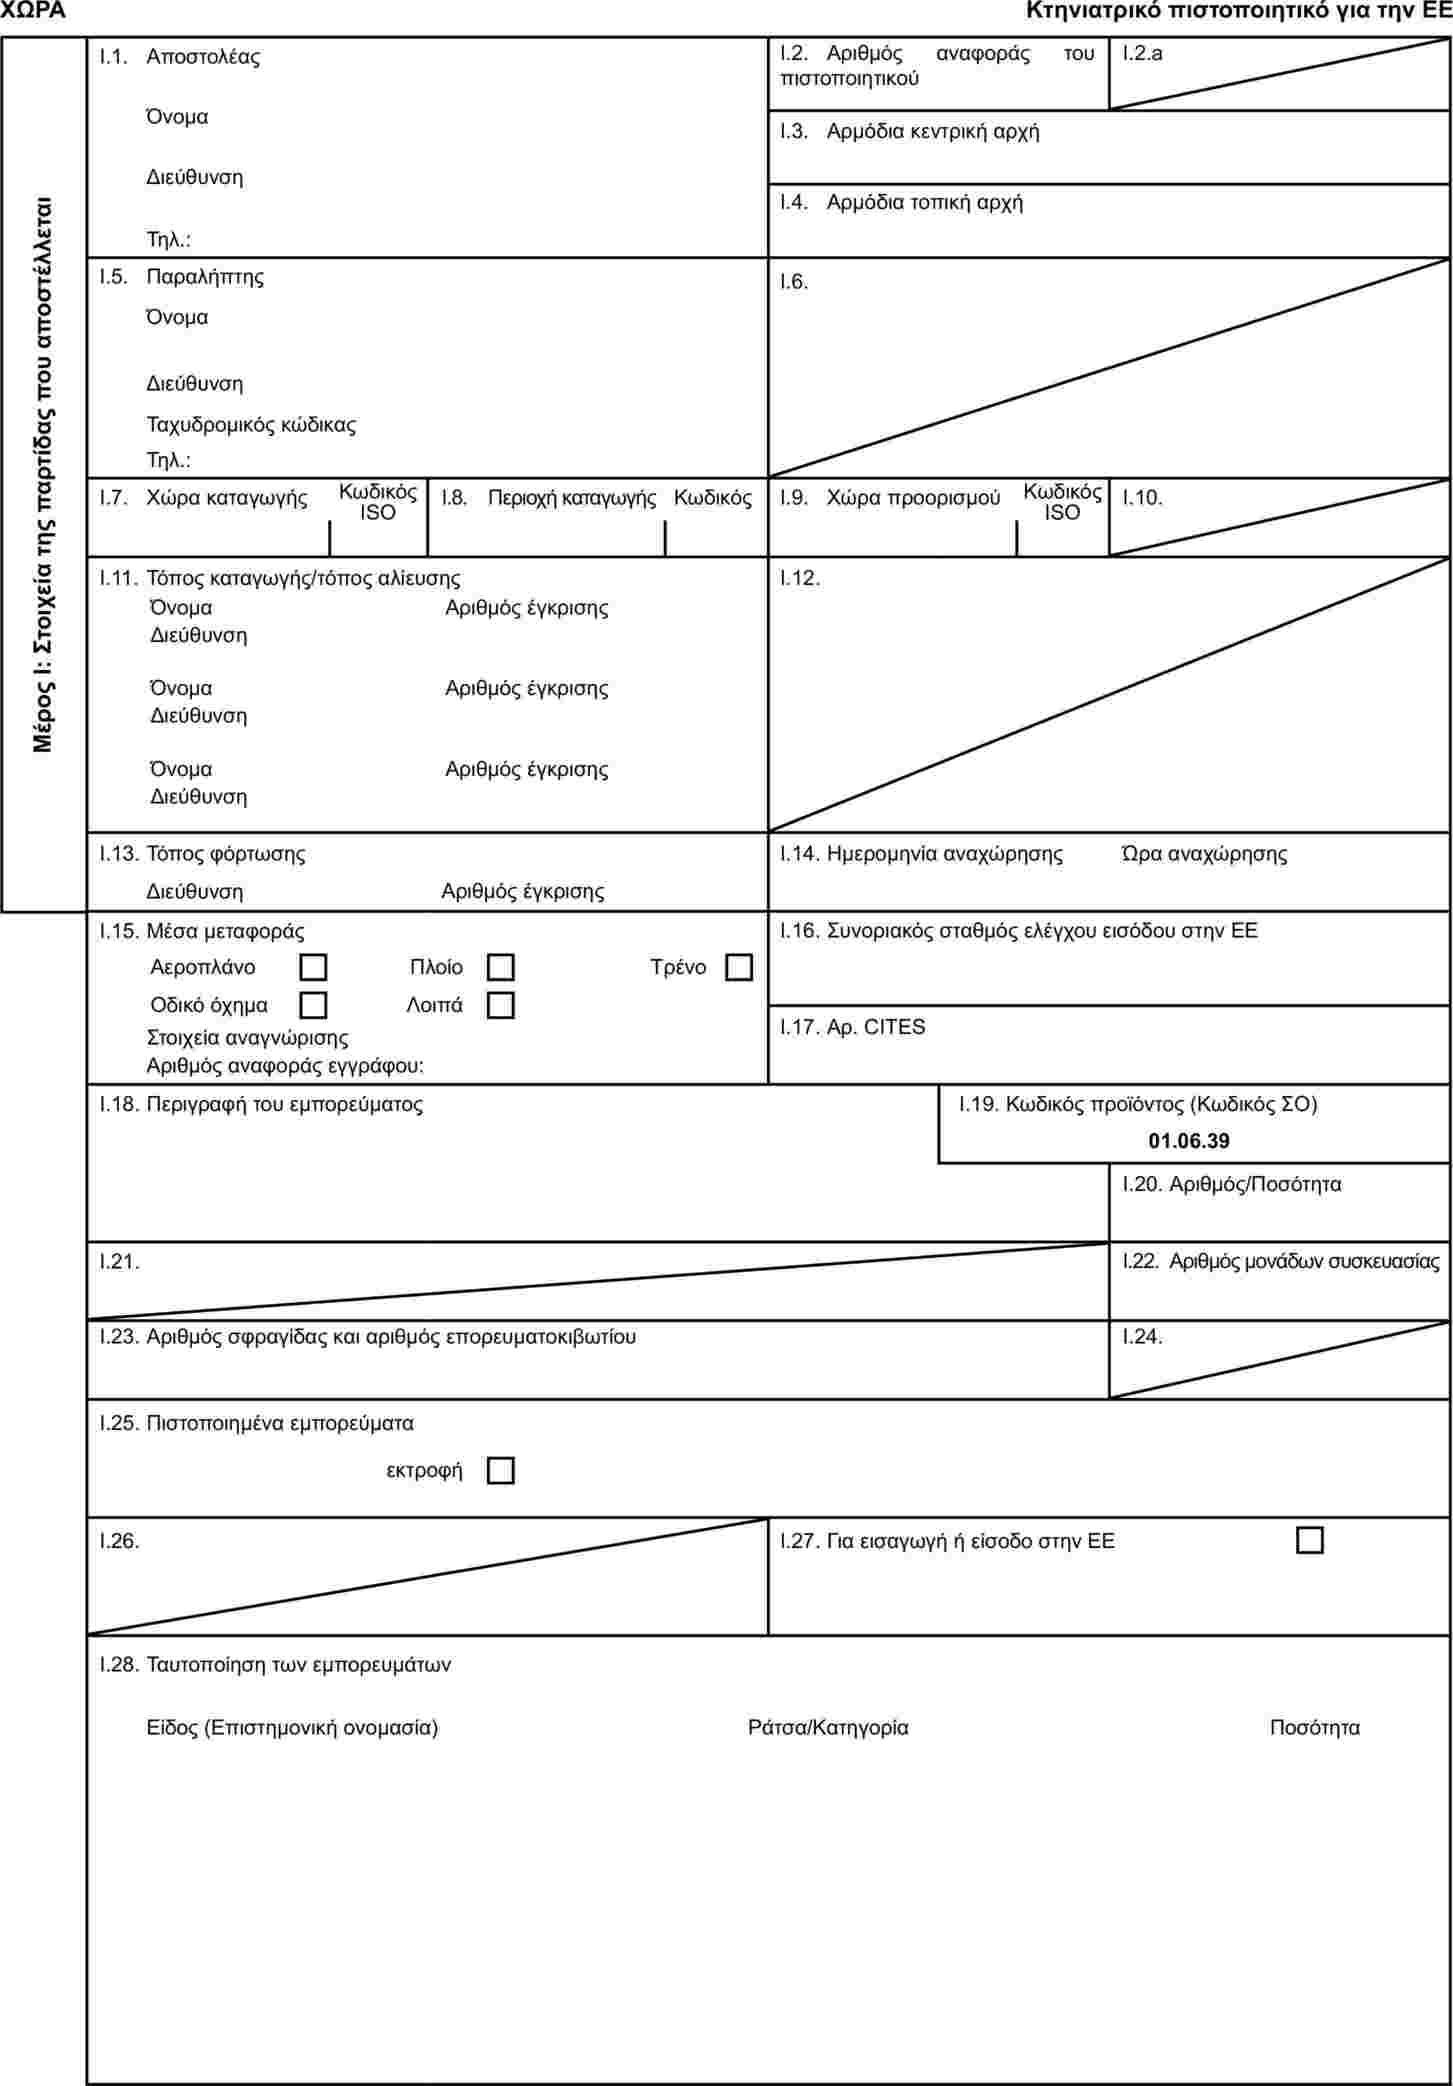 c9630597a84b Υπόδειγμα κτηνιατρικού πιστοποιητικού για αυγά επώασης πουλερικών εκτός των  στρουθιονίδων (HEP)